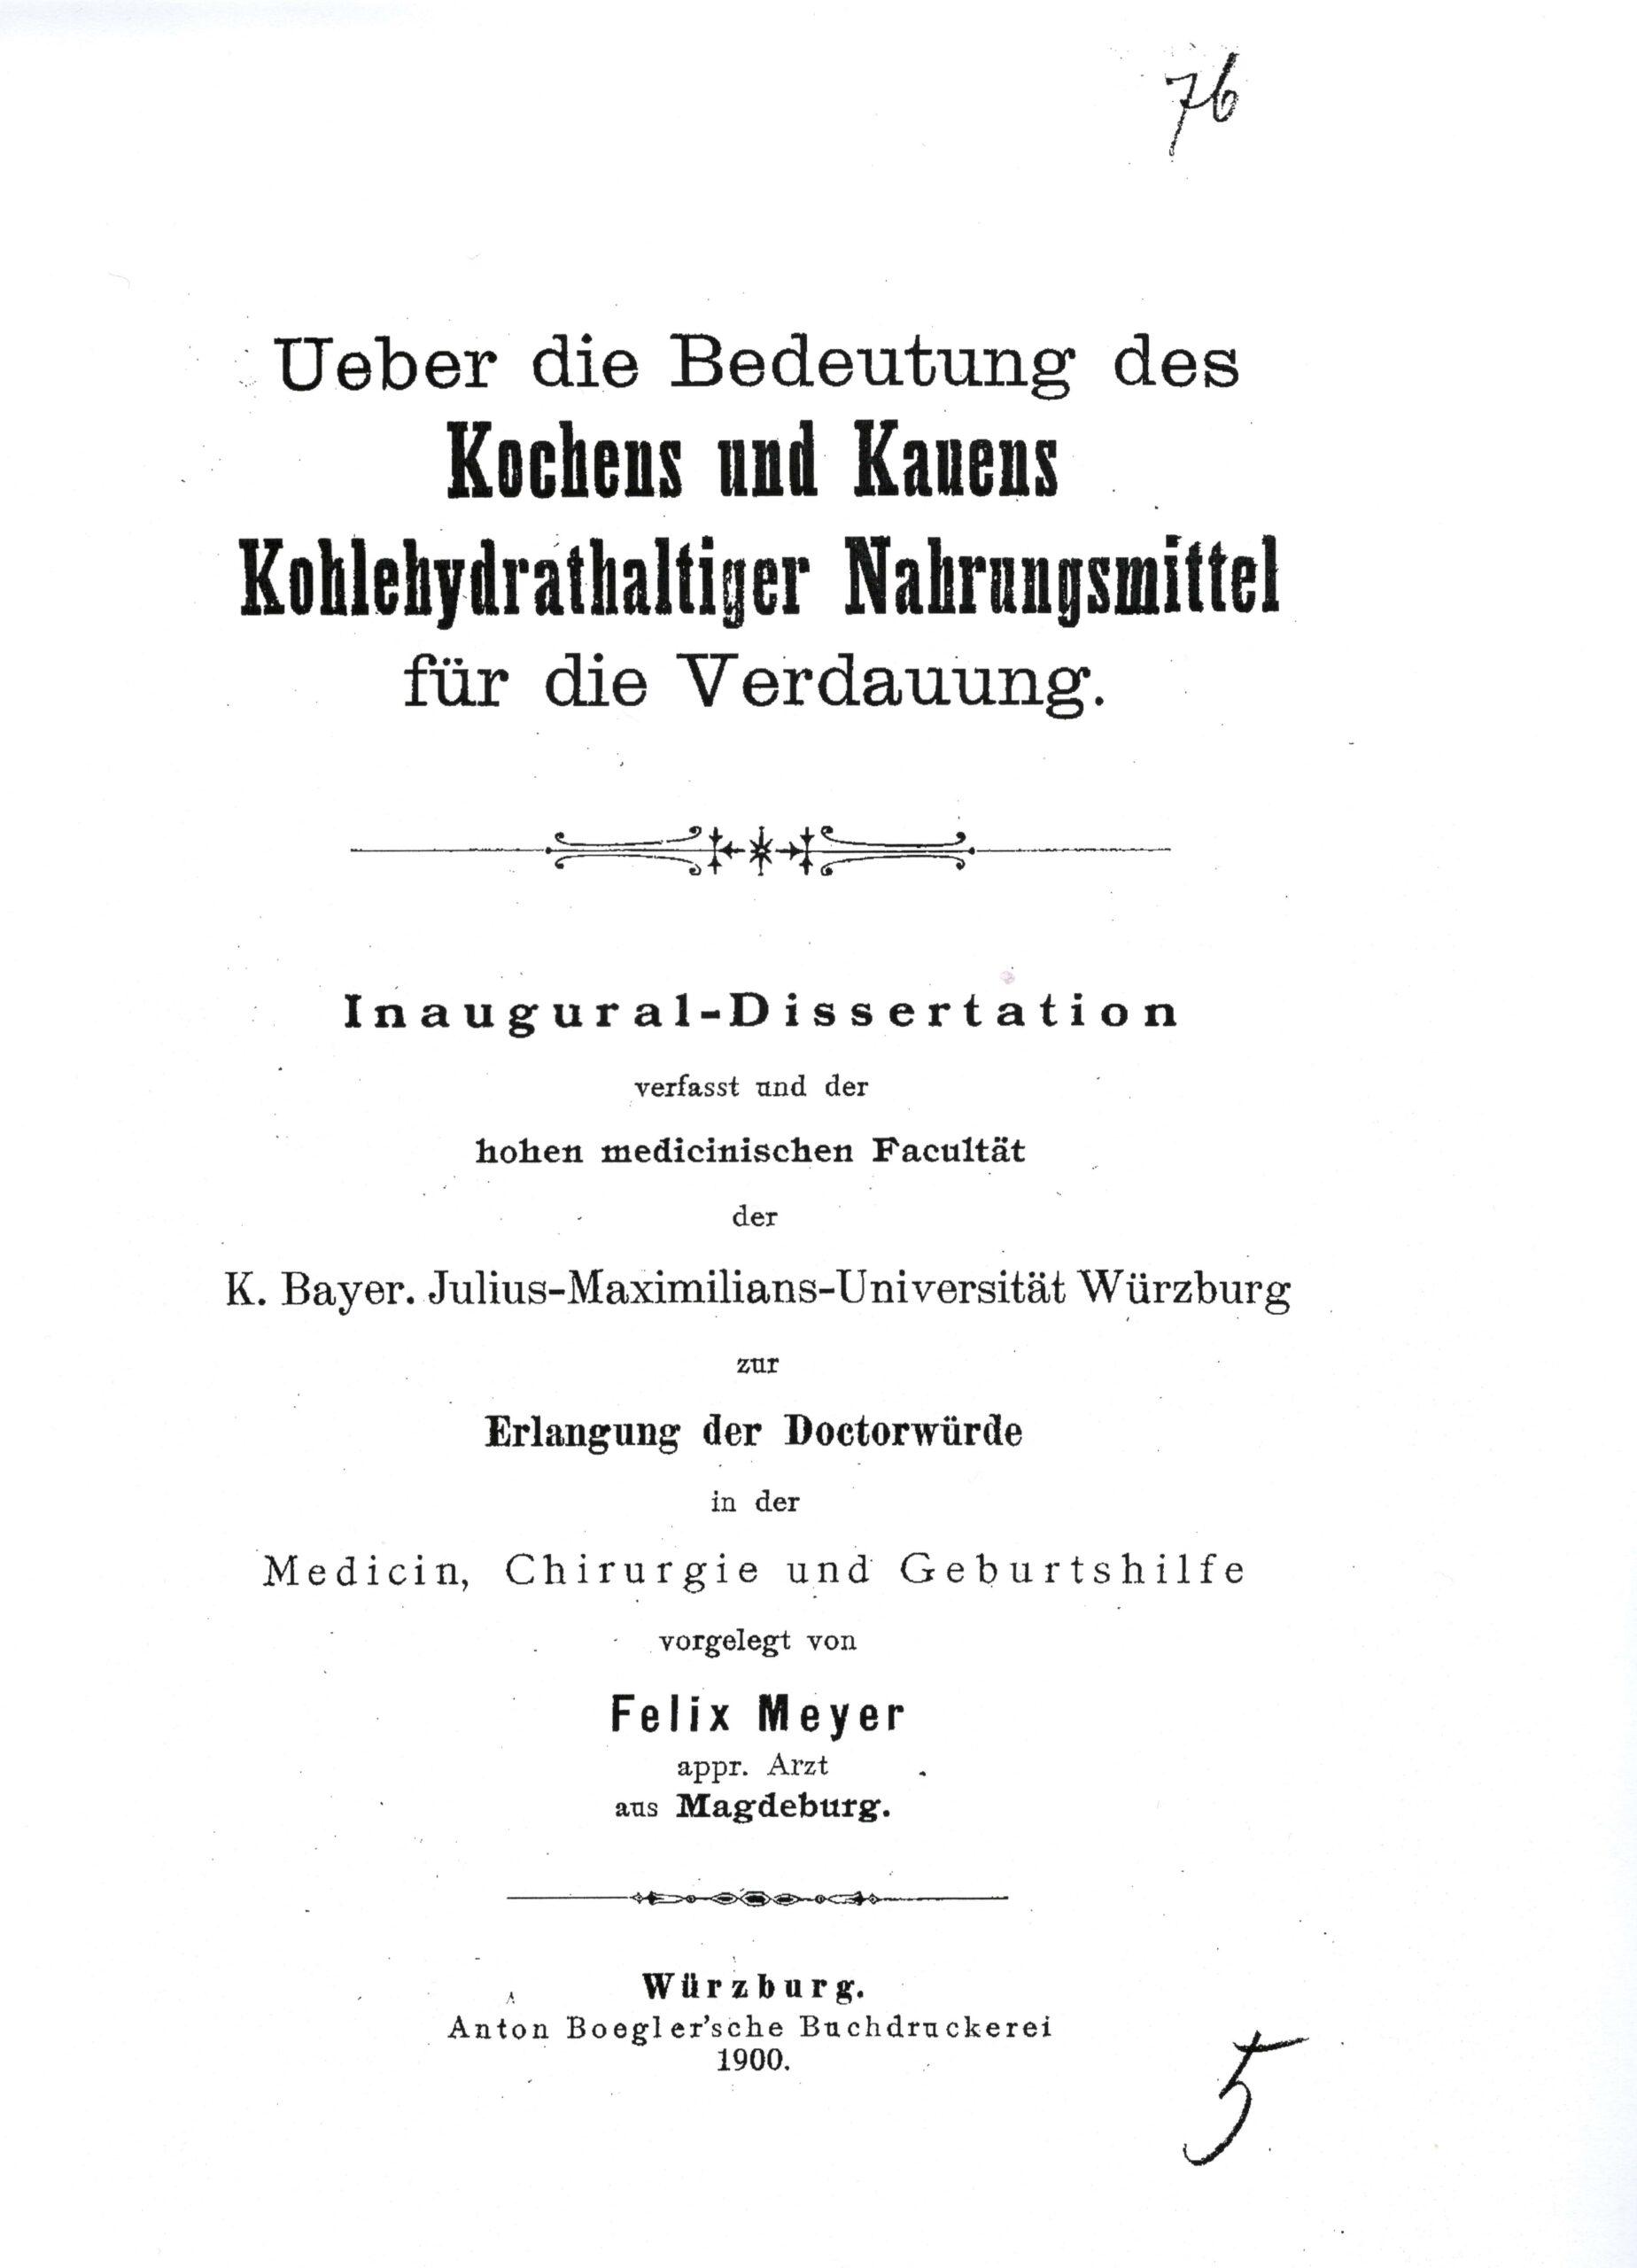 Dissertation, Würzburg 1900